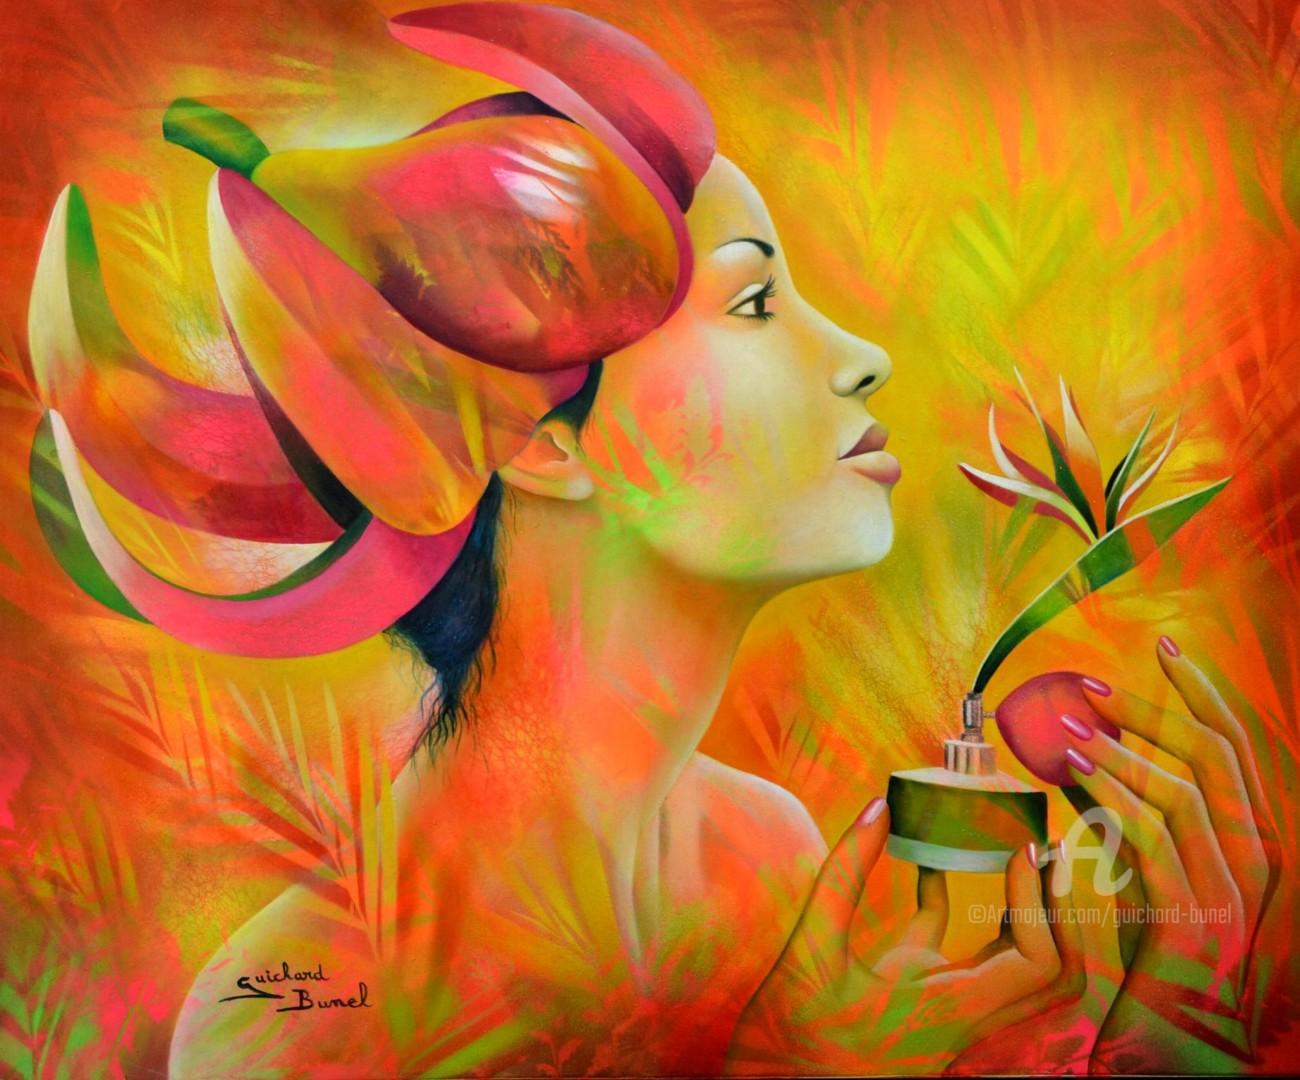 Jeannette Guichard-Bunel - oiseau de paradis